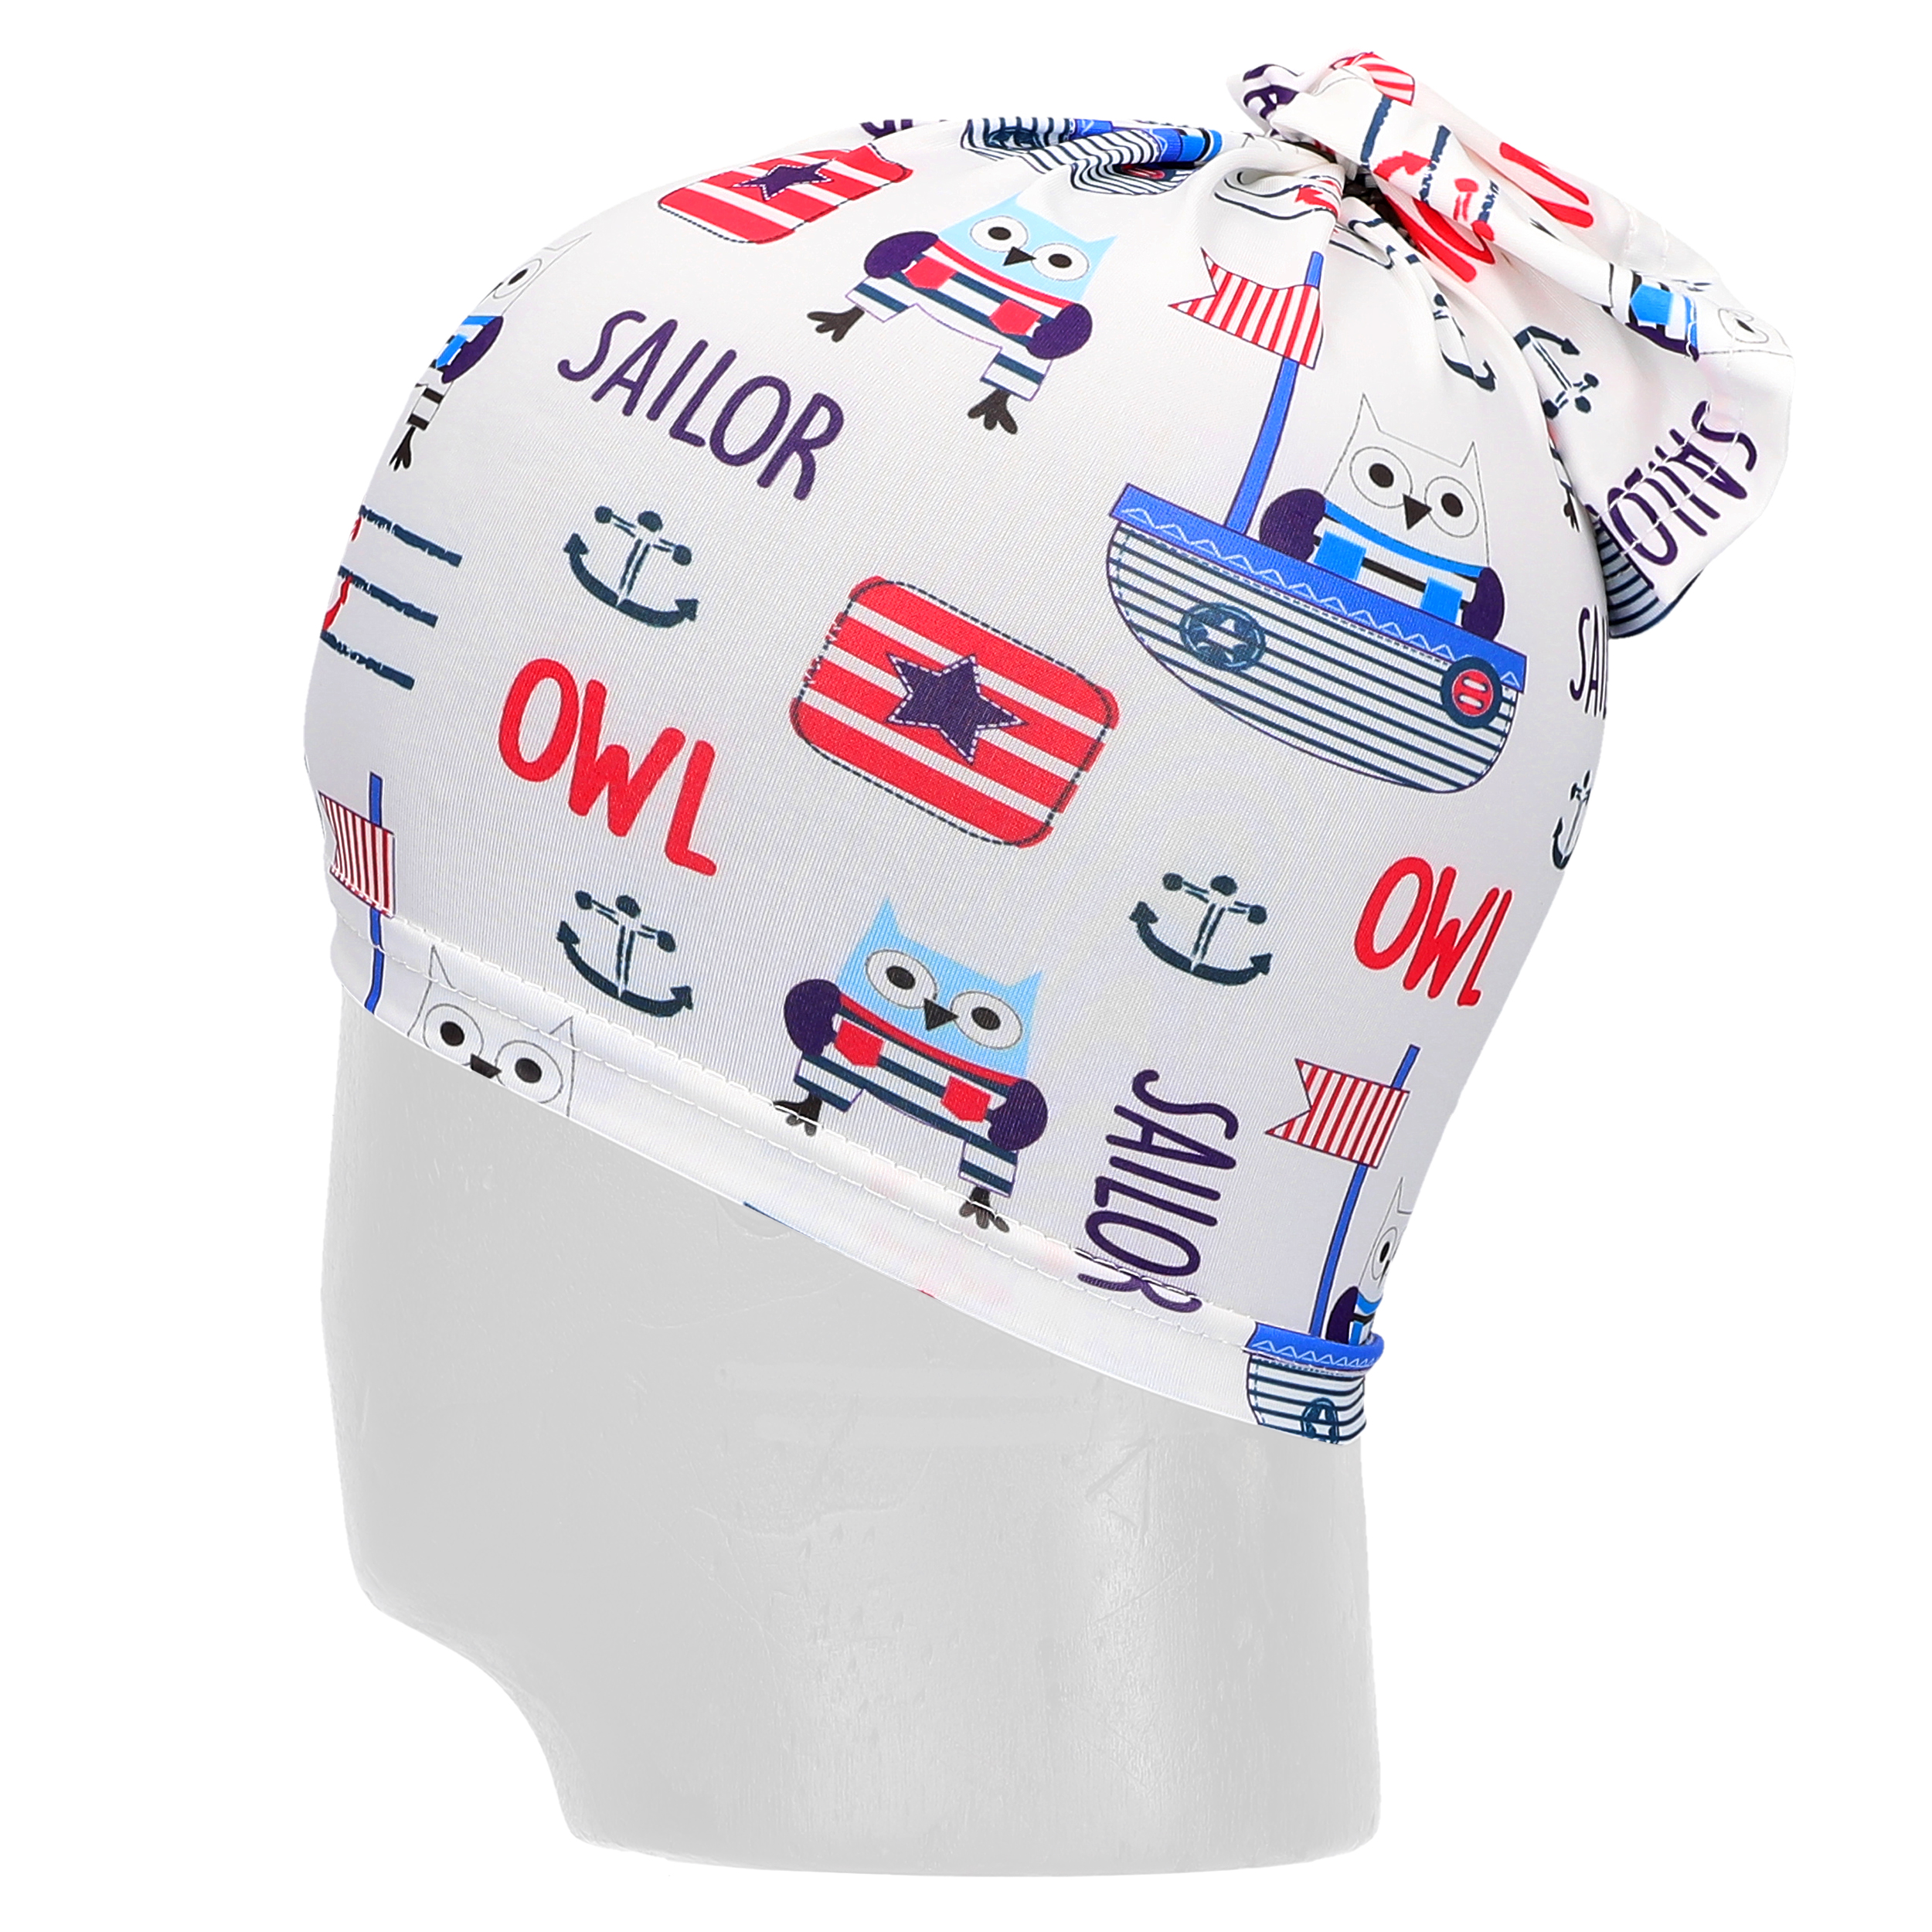 Indexbild 91 - Kinder Schlauchschal Maske Gesichtsmaske Mund Nase Bedeckung Halstuch waschbar